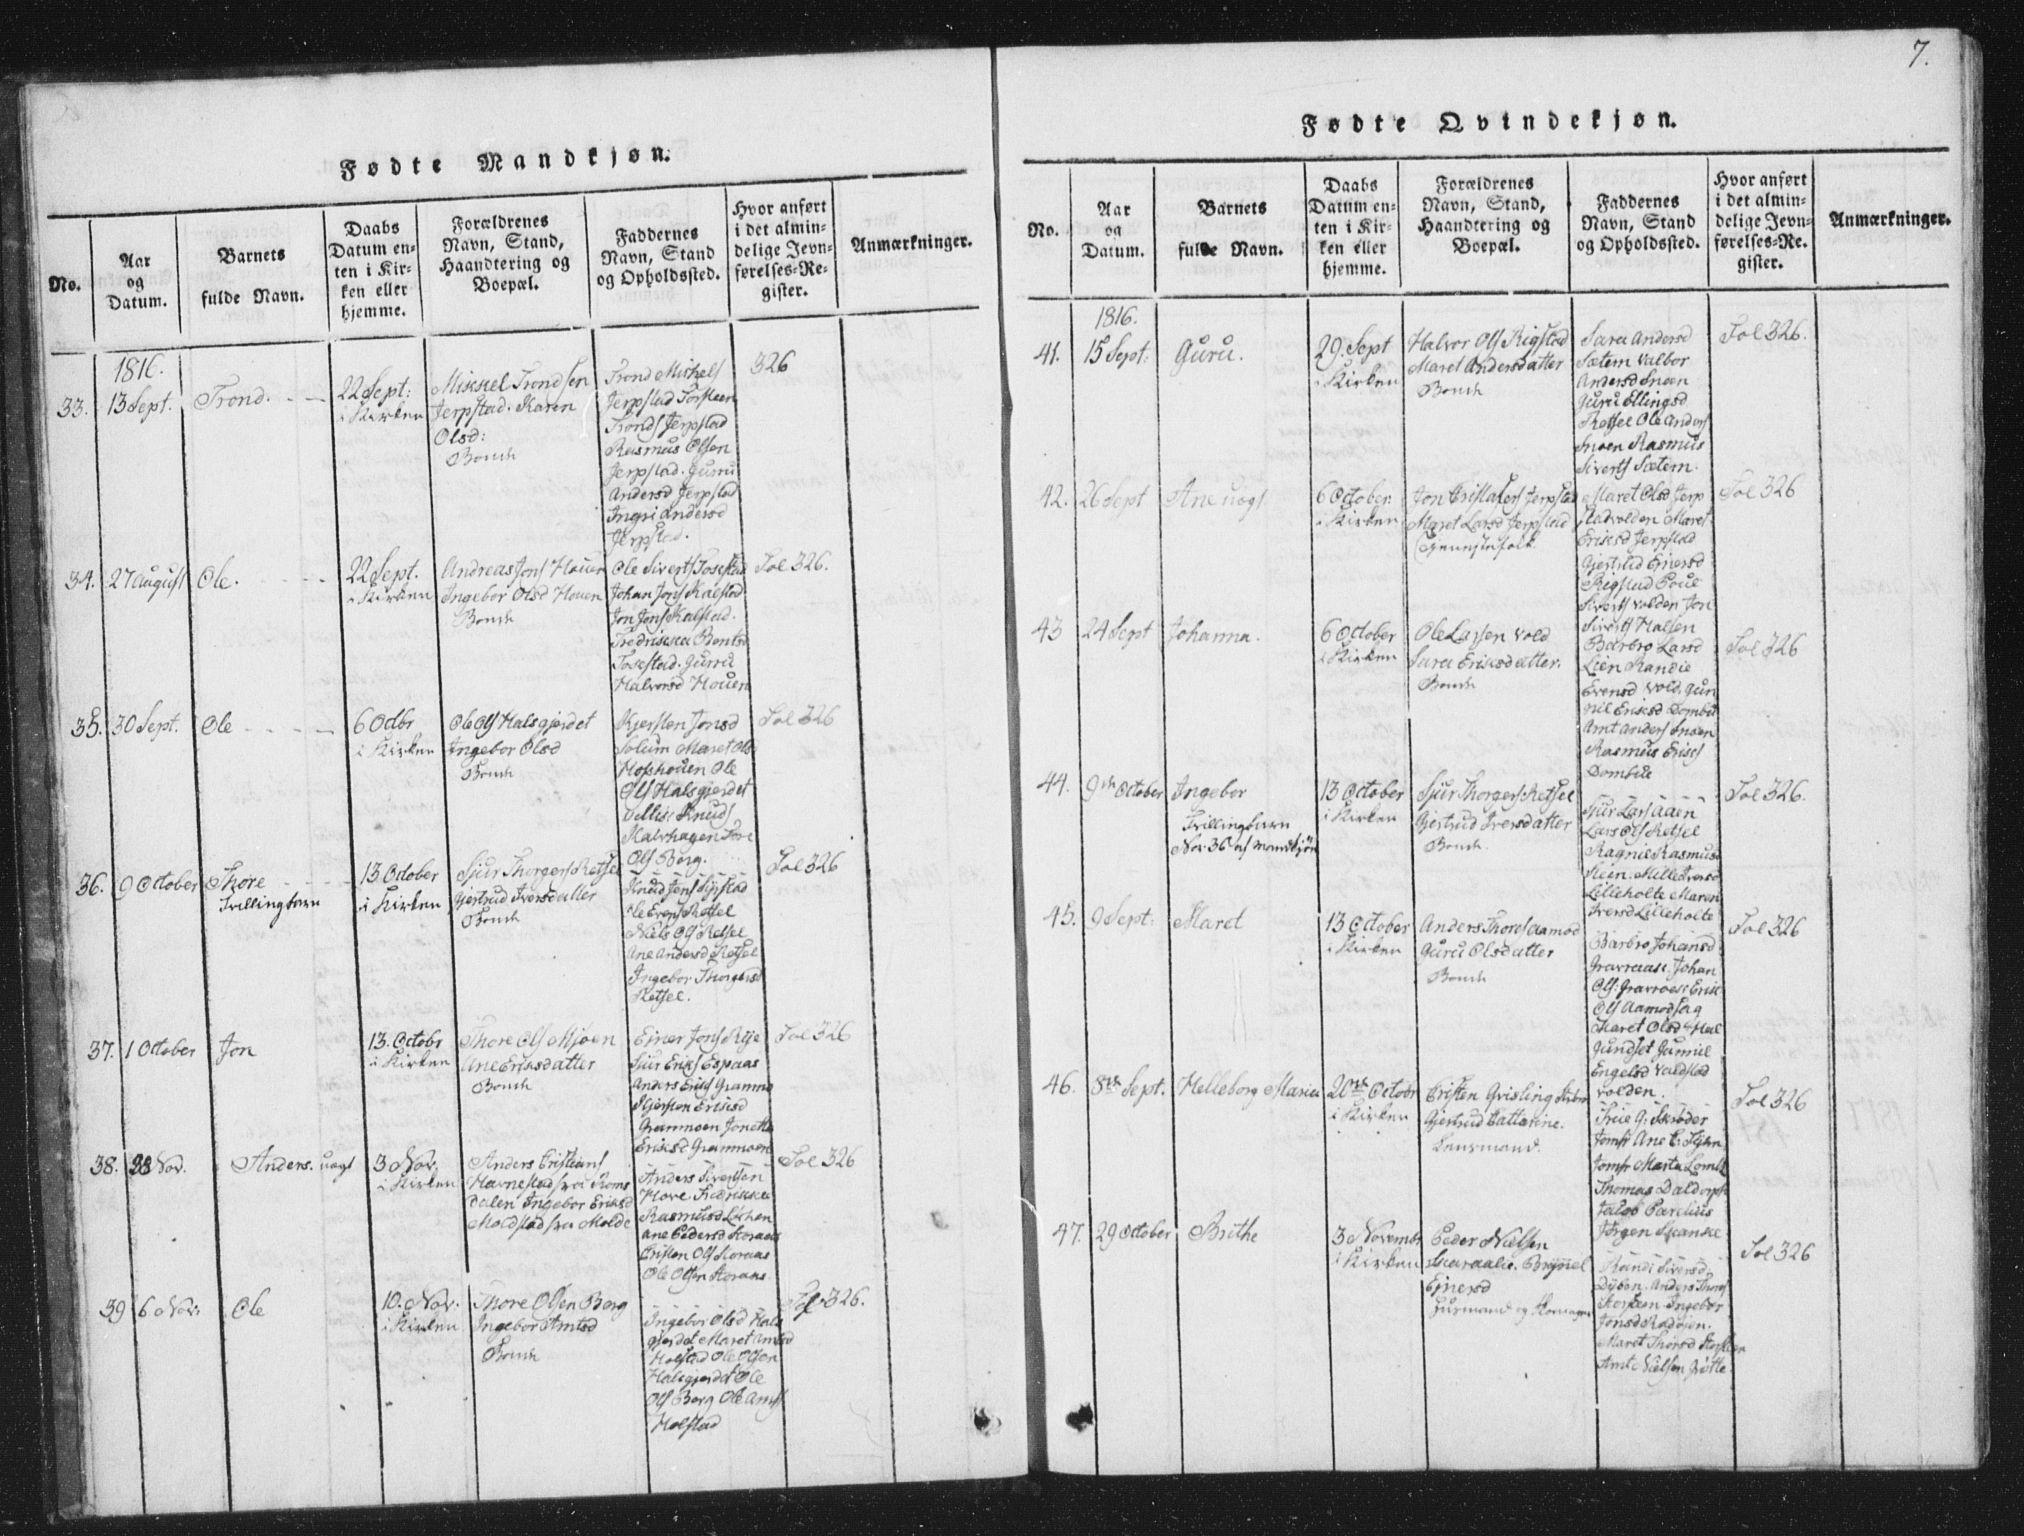 SAT, Ministerialprotokoller, klokkerbøker og fødselsregistre - Sør-Trøndelag, 672/L0862: Klokkerbok nr. 672C01, 1816-1831, s. 7